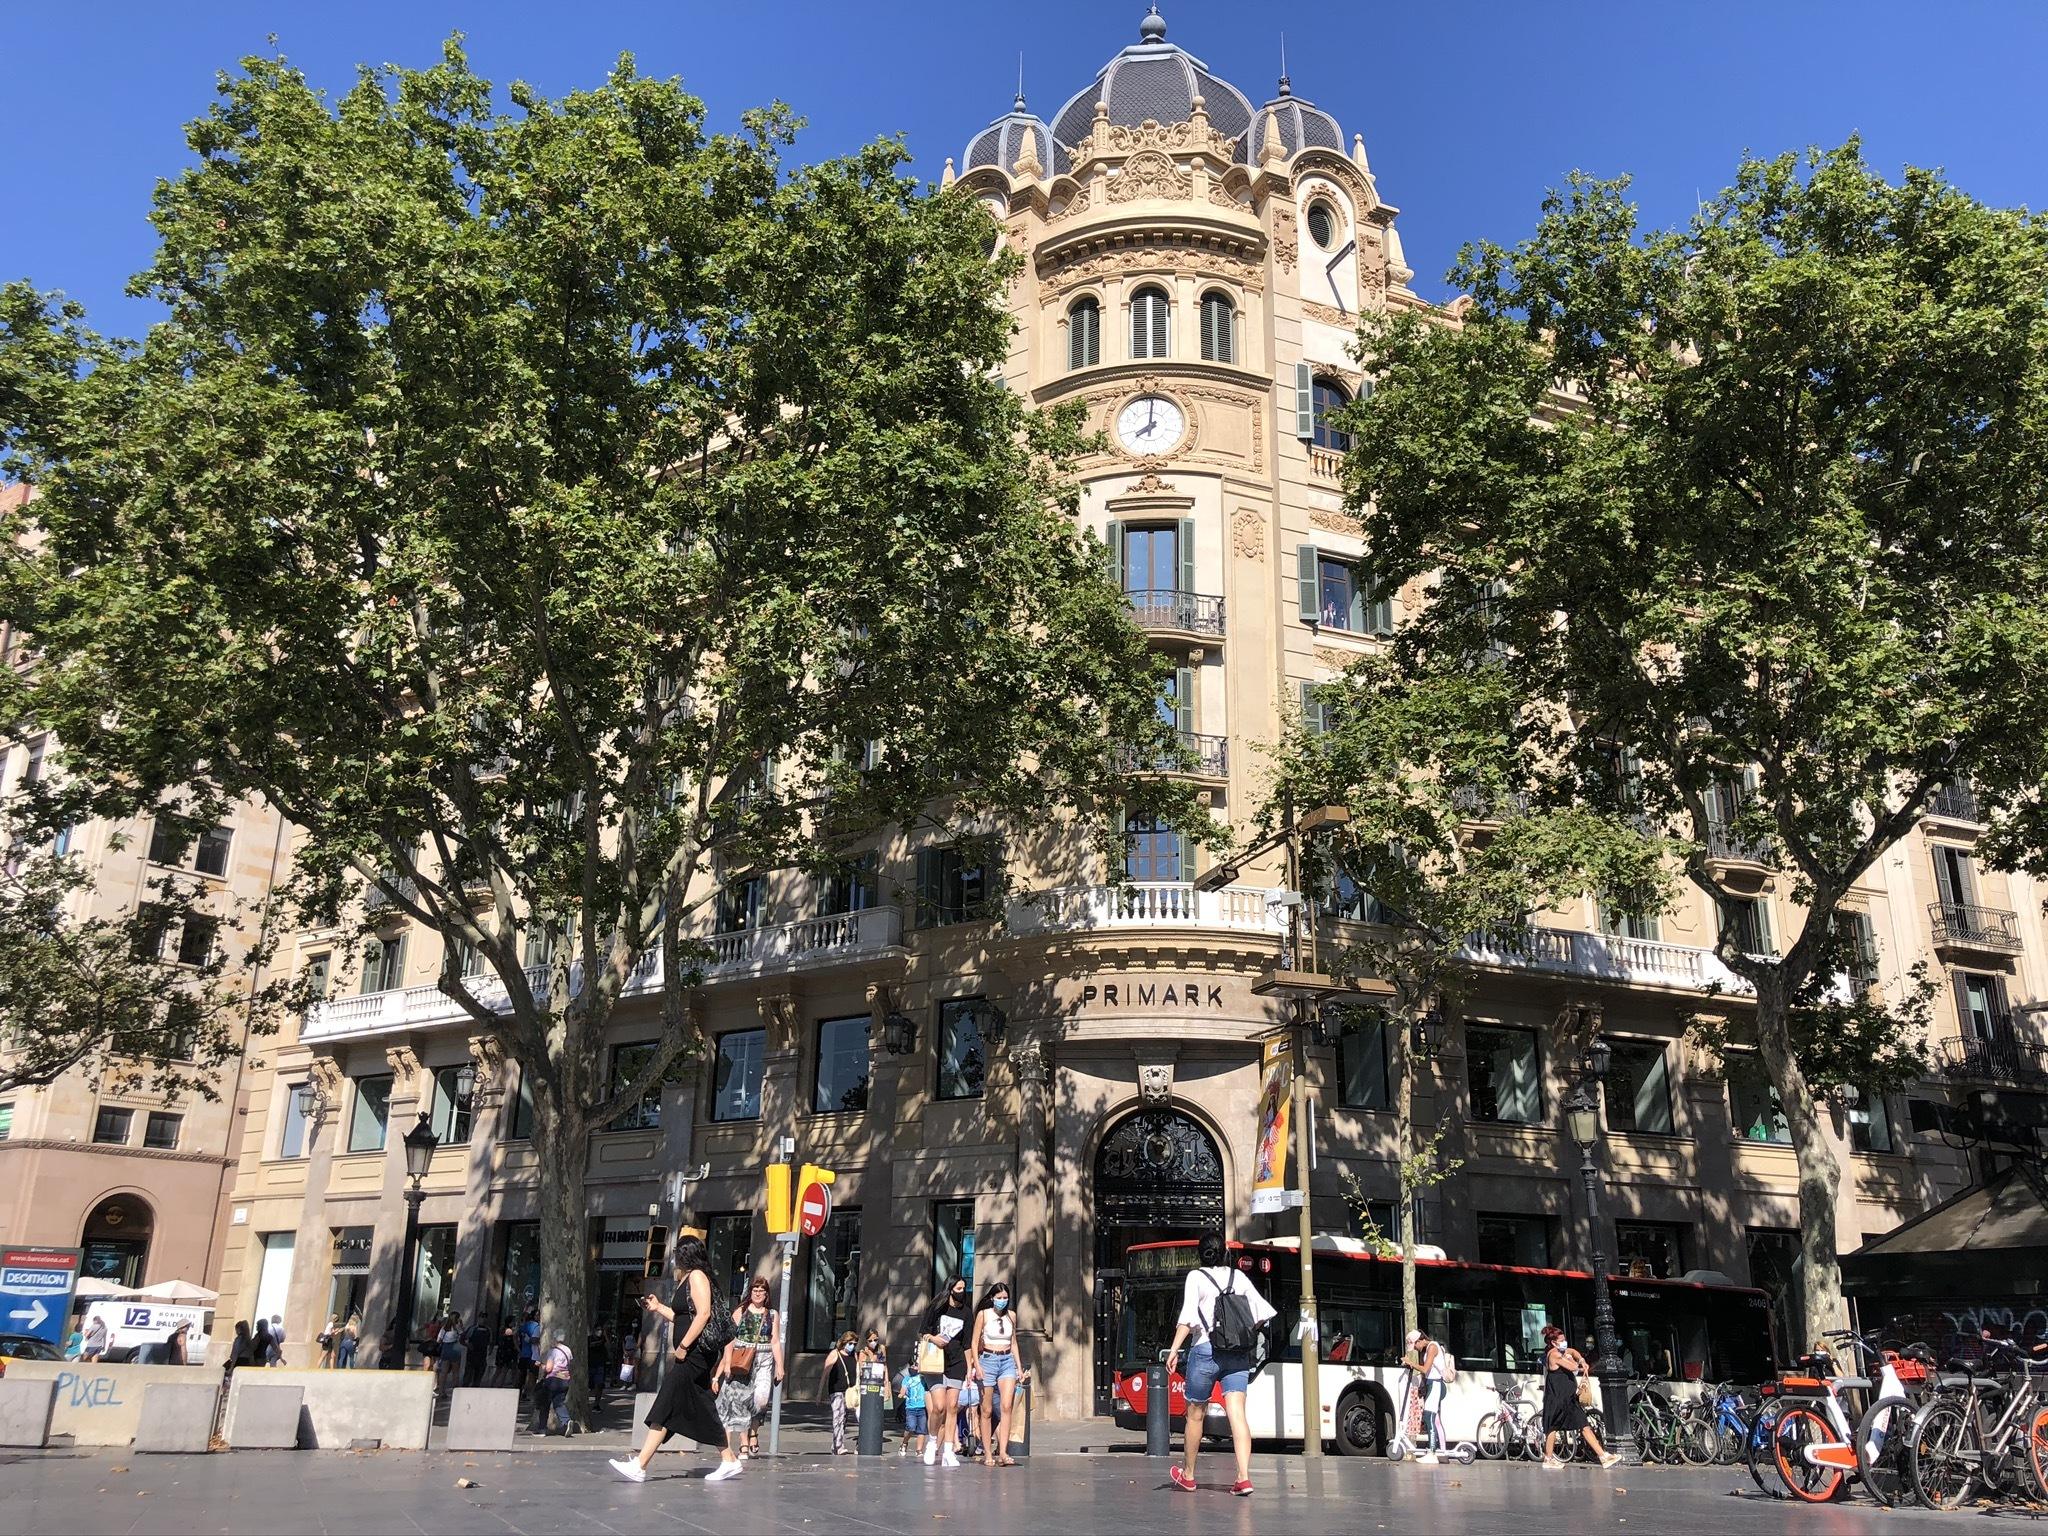 Primark plaça de Catalunya